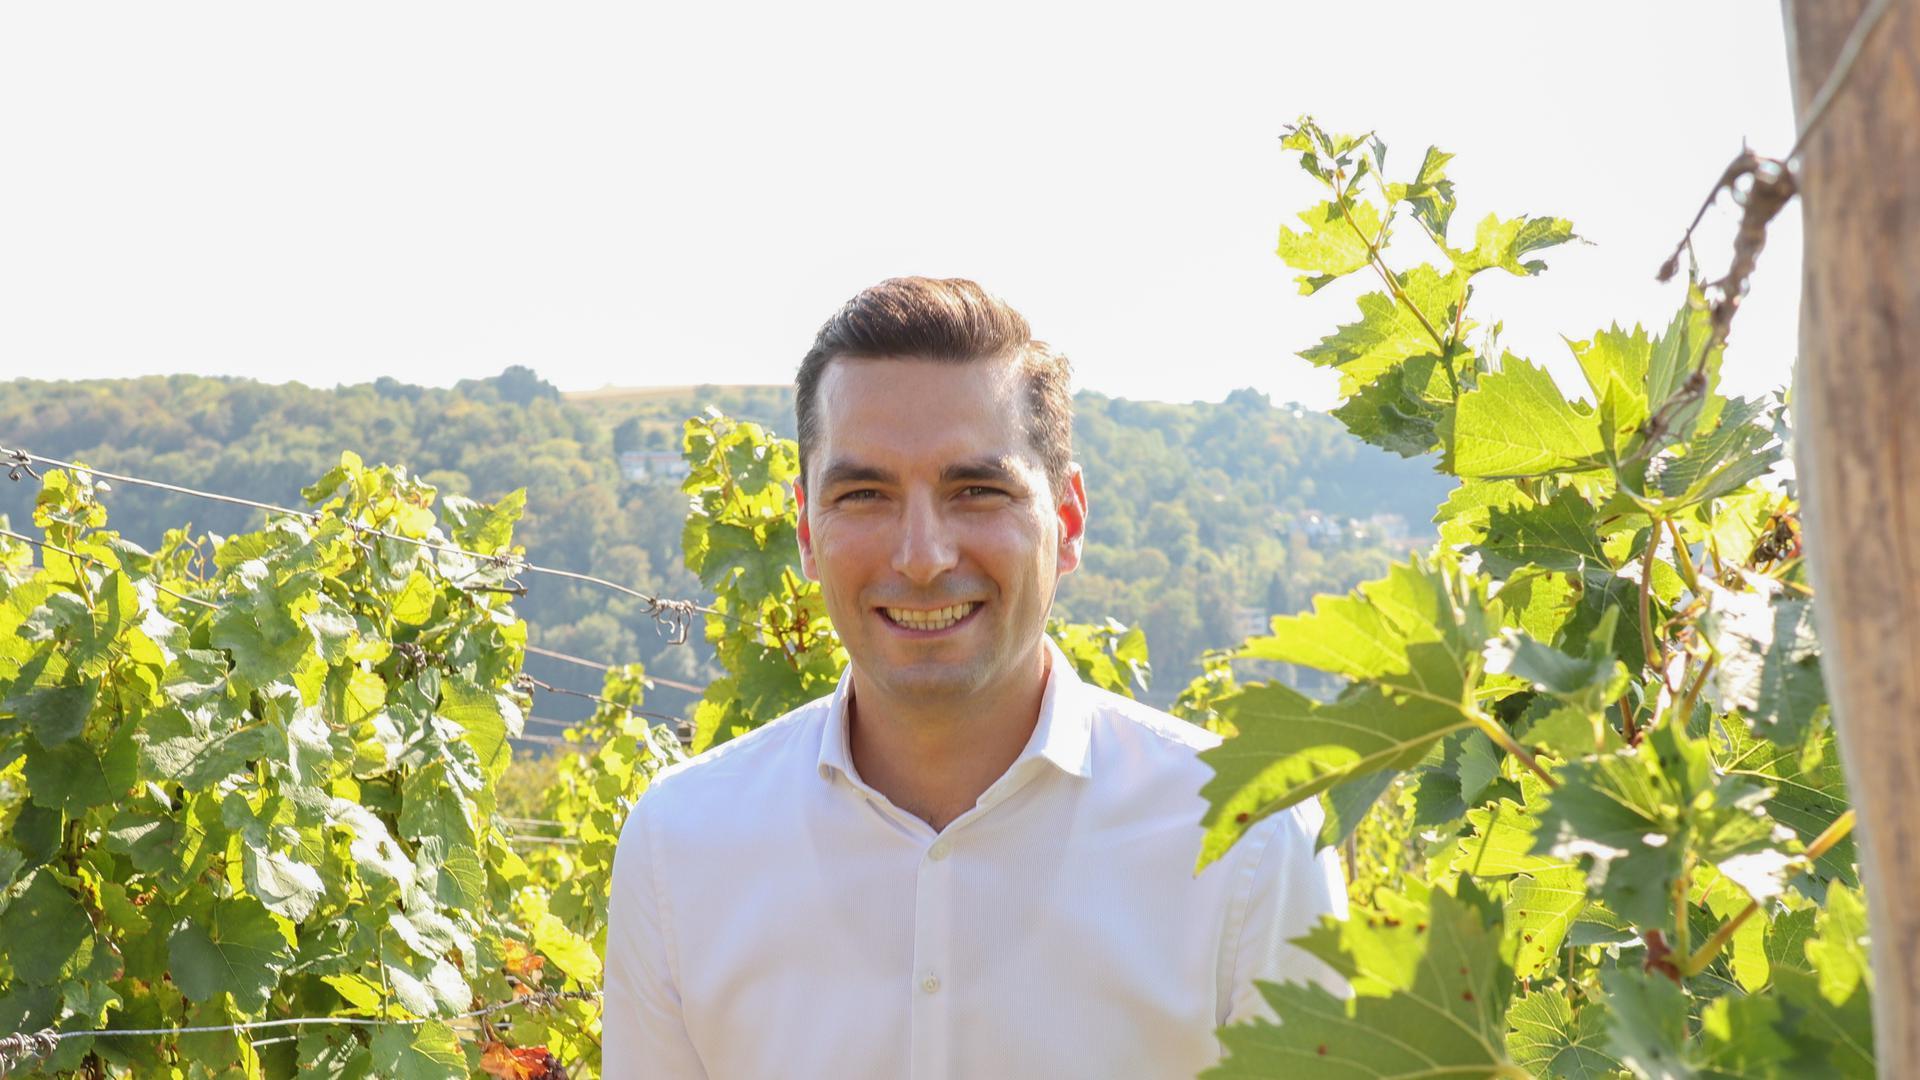 Nicolas Zippelius steht inmitten von Weinbergen.